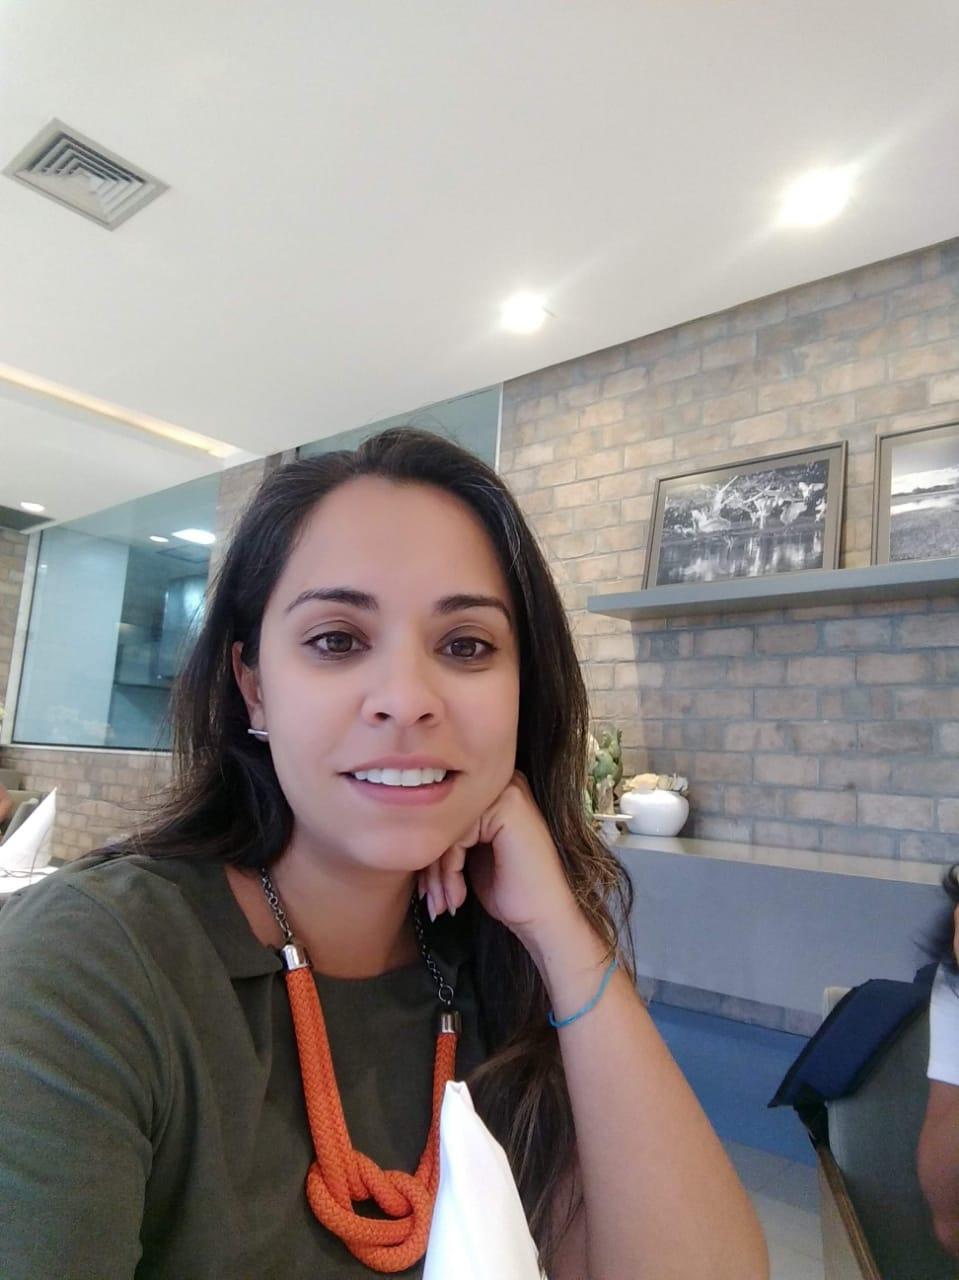 #ConectadosPeloSocial   Dia dos Artistas - Conheça o lado artístico da equipe Sesc RJ 2